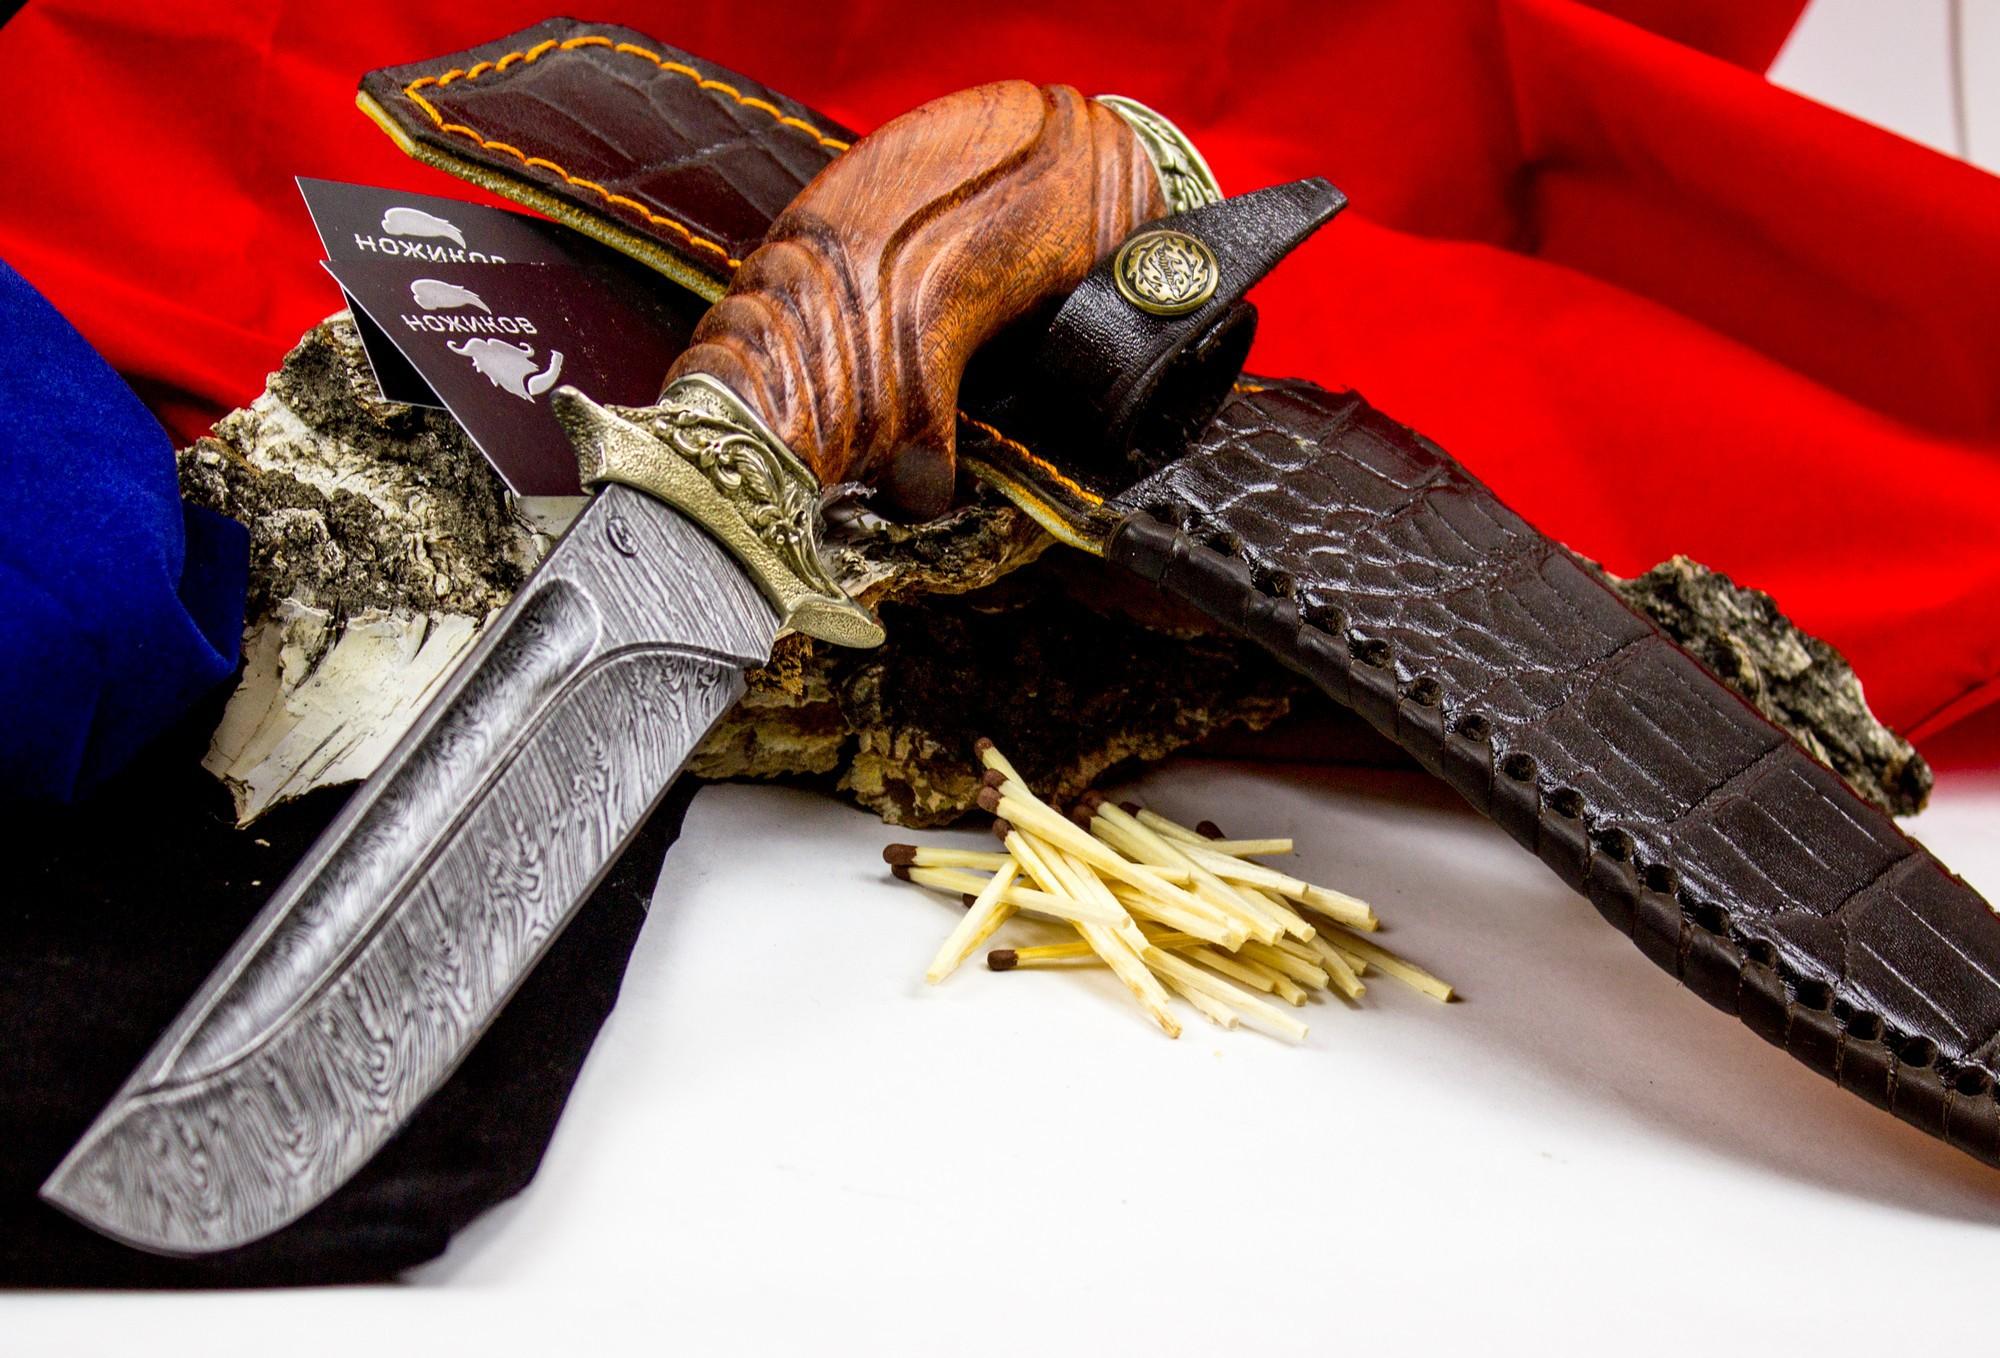 Фото 7 - Нож Варяг с резной рукоятью,  дамасская сталь, литье скорпион от Кузница Семина